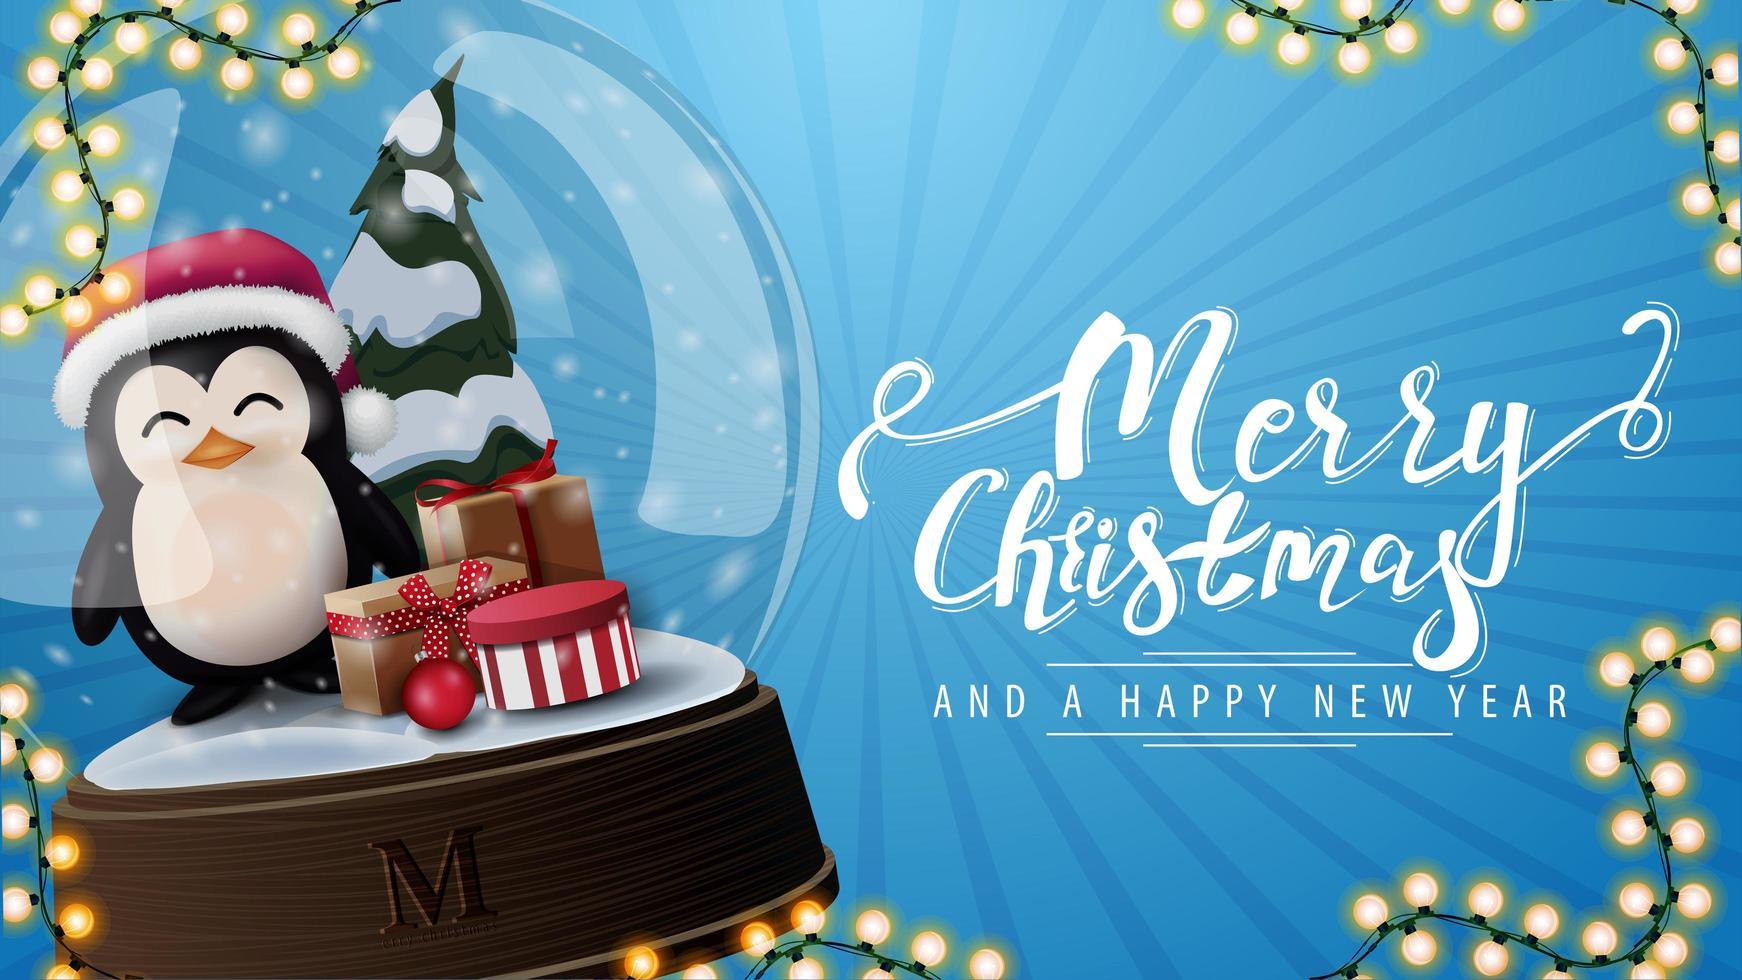 Frohe Weihnachten und ein gutes neues Jahr, blaue Postkarte mit großer Schneekugel mit Pinguin im Weihnachtsmannhut mit Geschenken im Inneren vektor